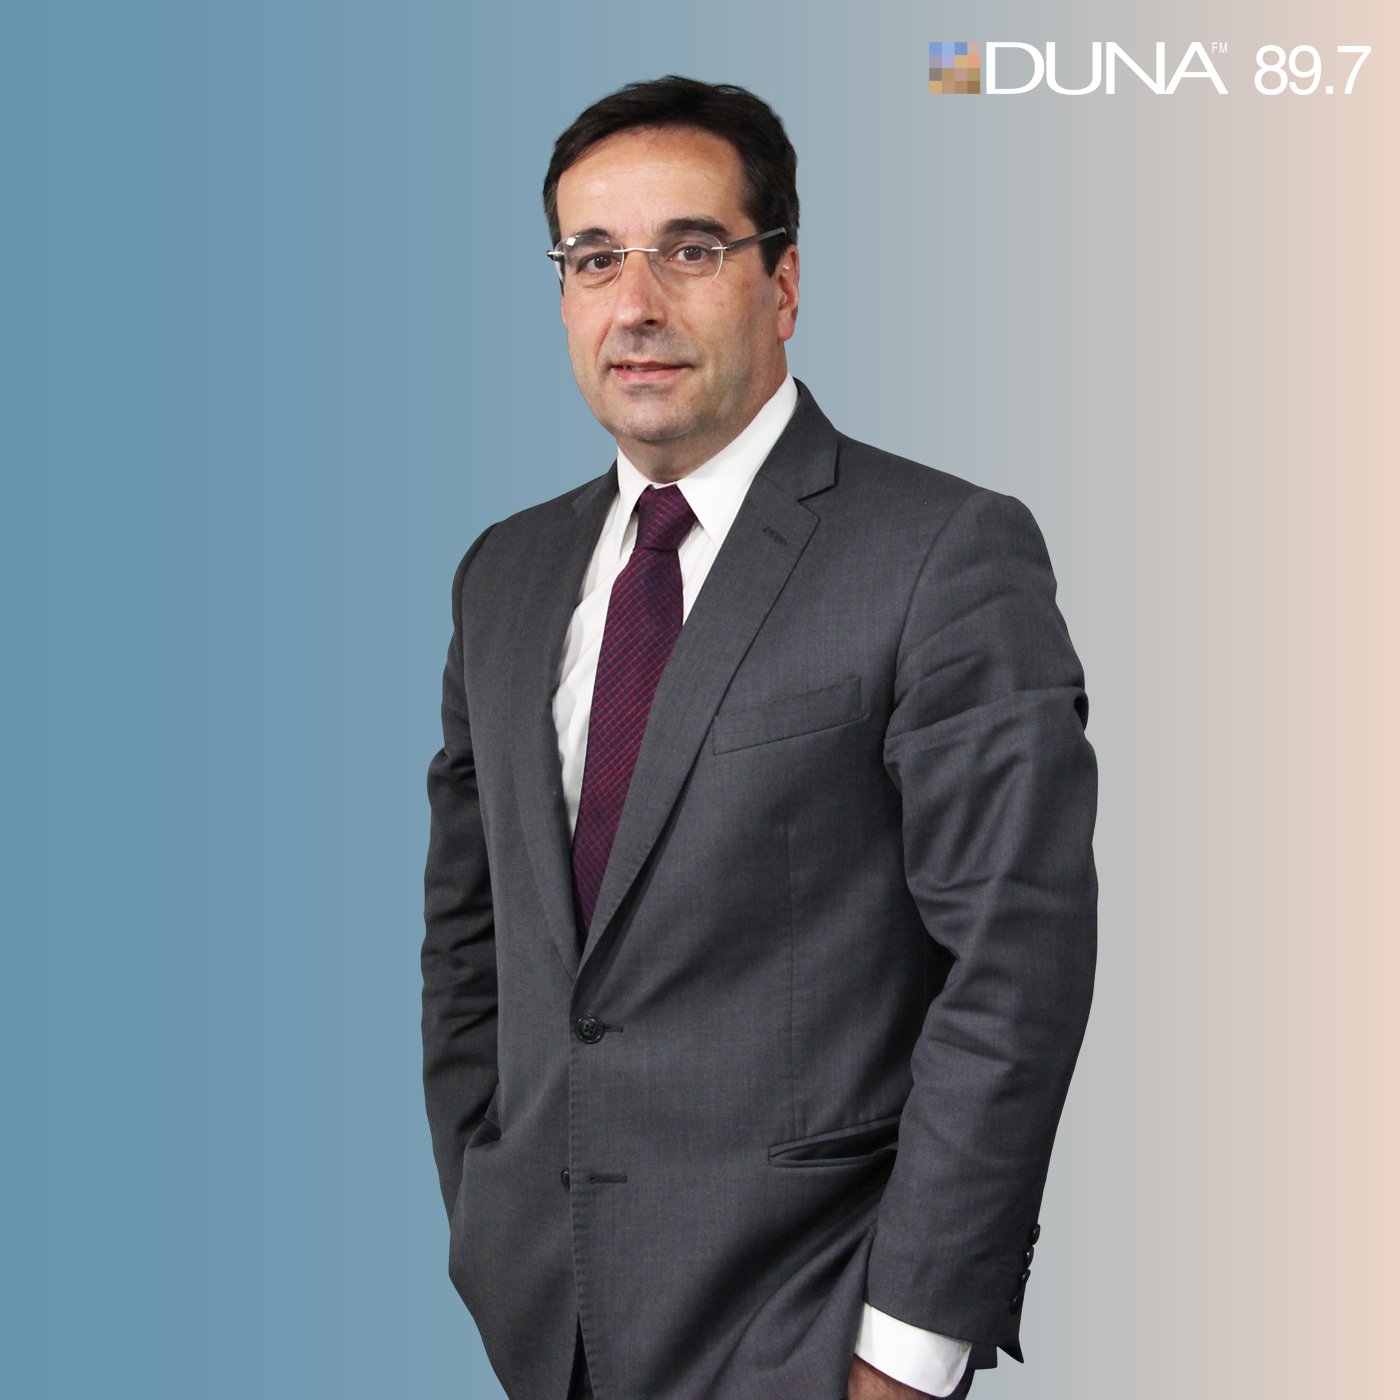 Radio Duna | Enfoque Duna